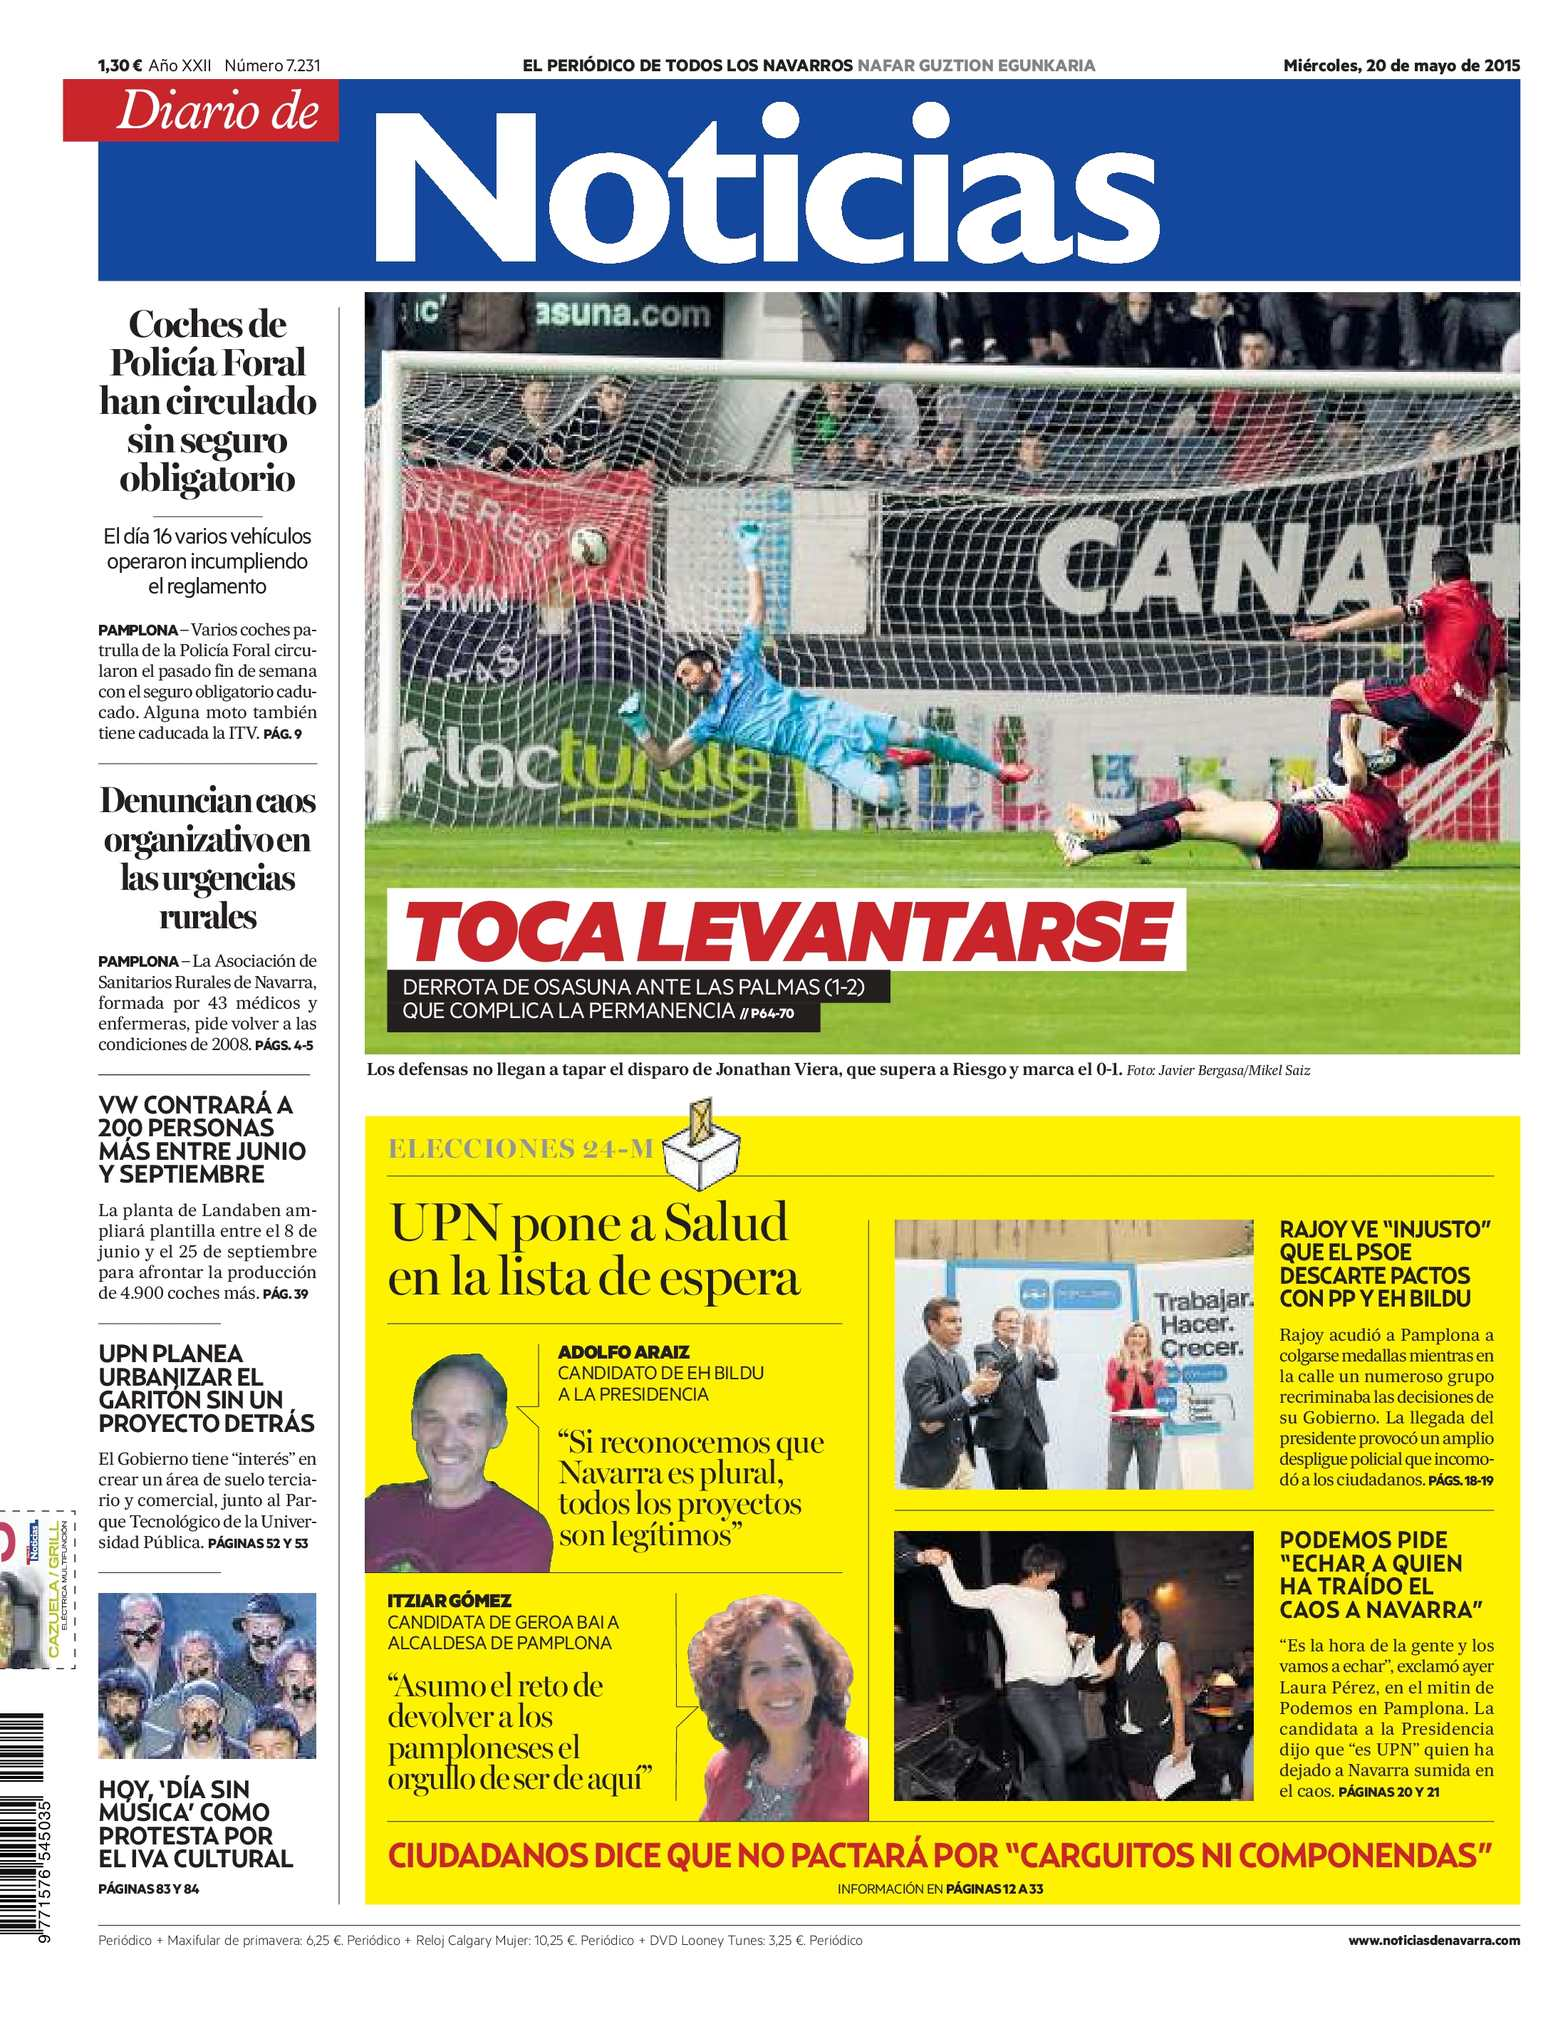 9c4bb37b9 Calaméo - Diario de Noticias 20150520